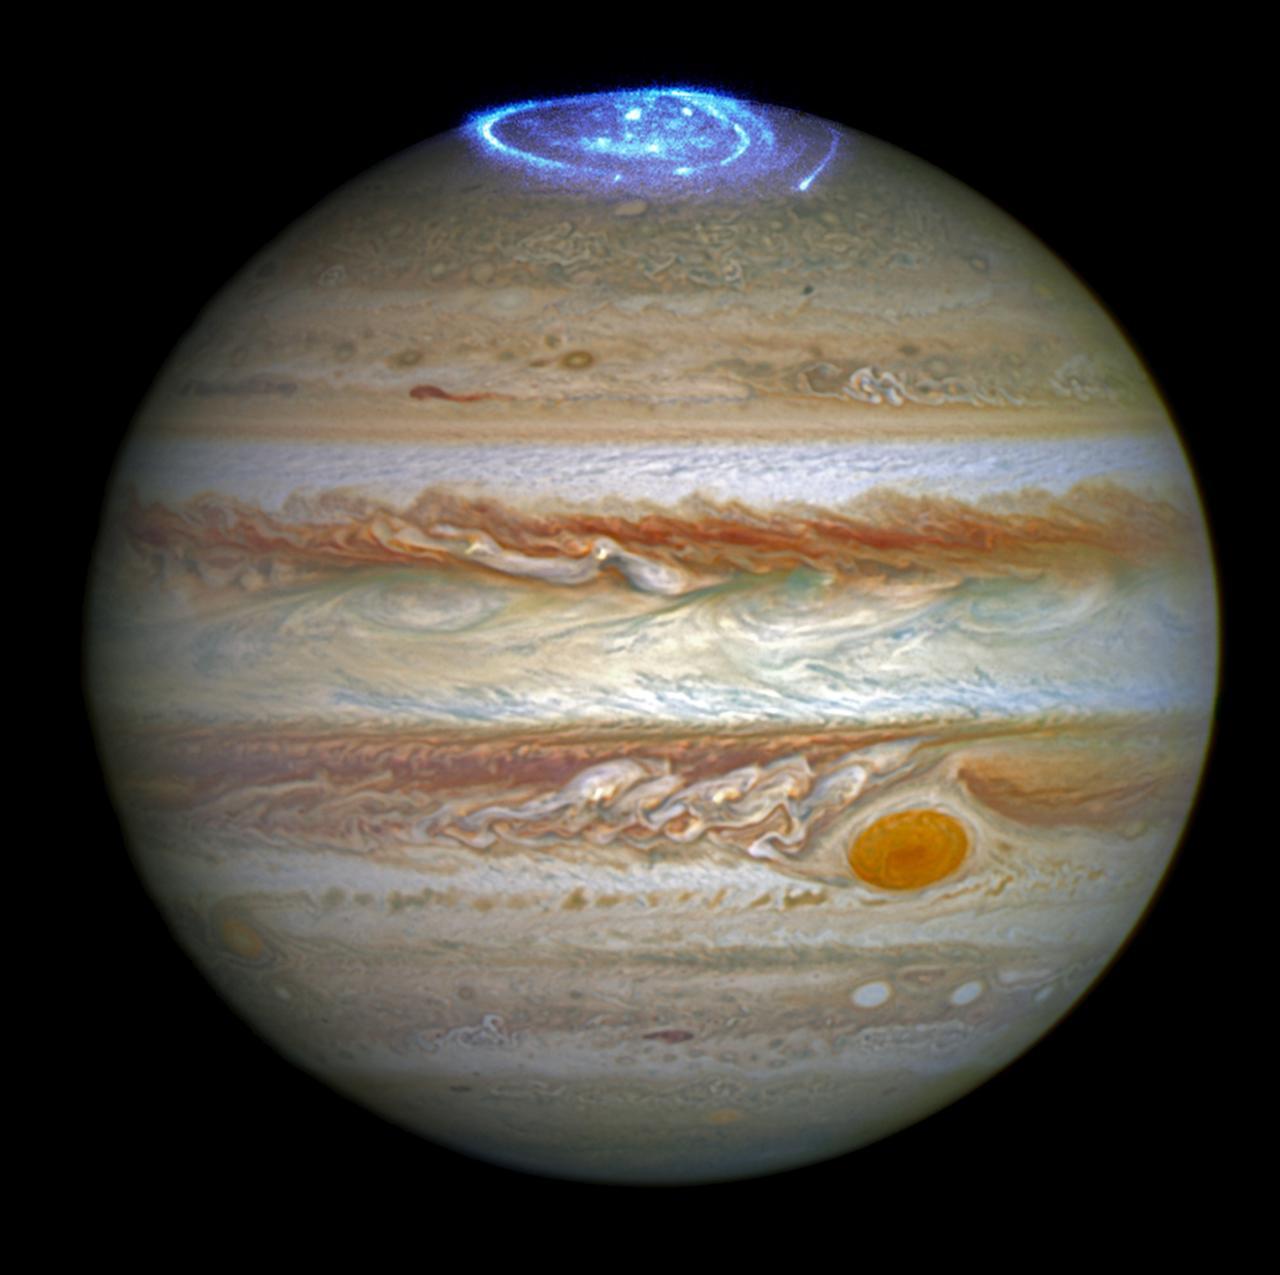 hubble-captures-vivid-auroras-in-jupiters-atmosphere_28000029525_o~medium.jpg